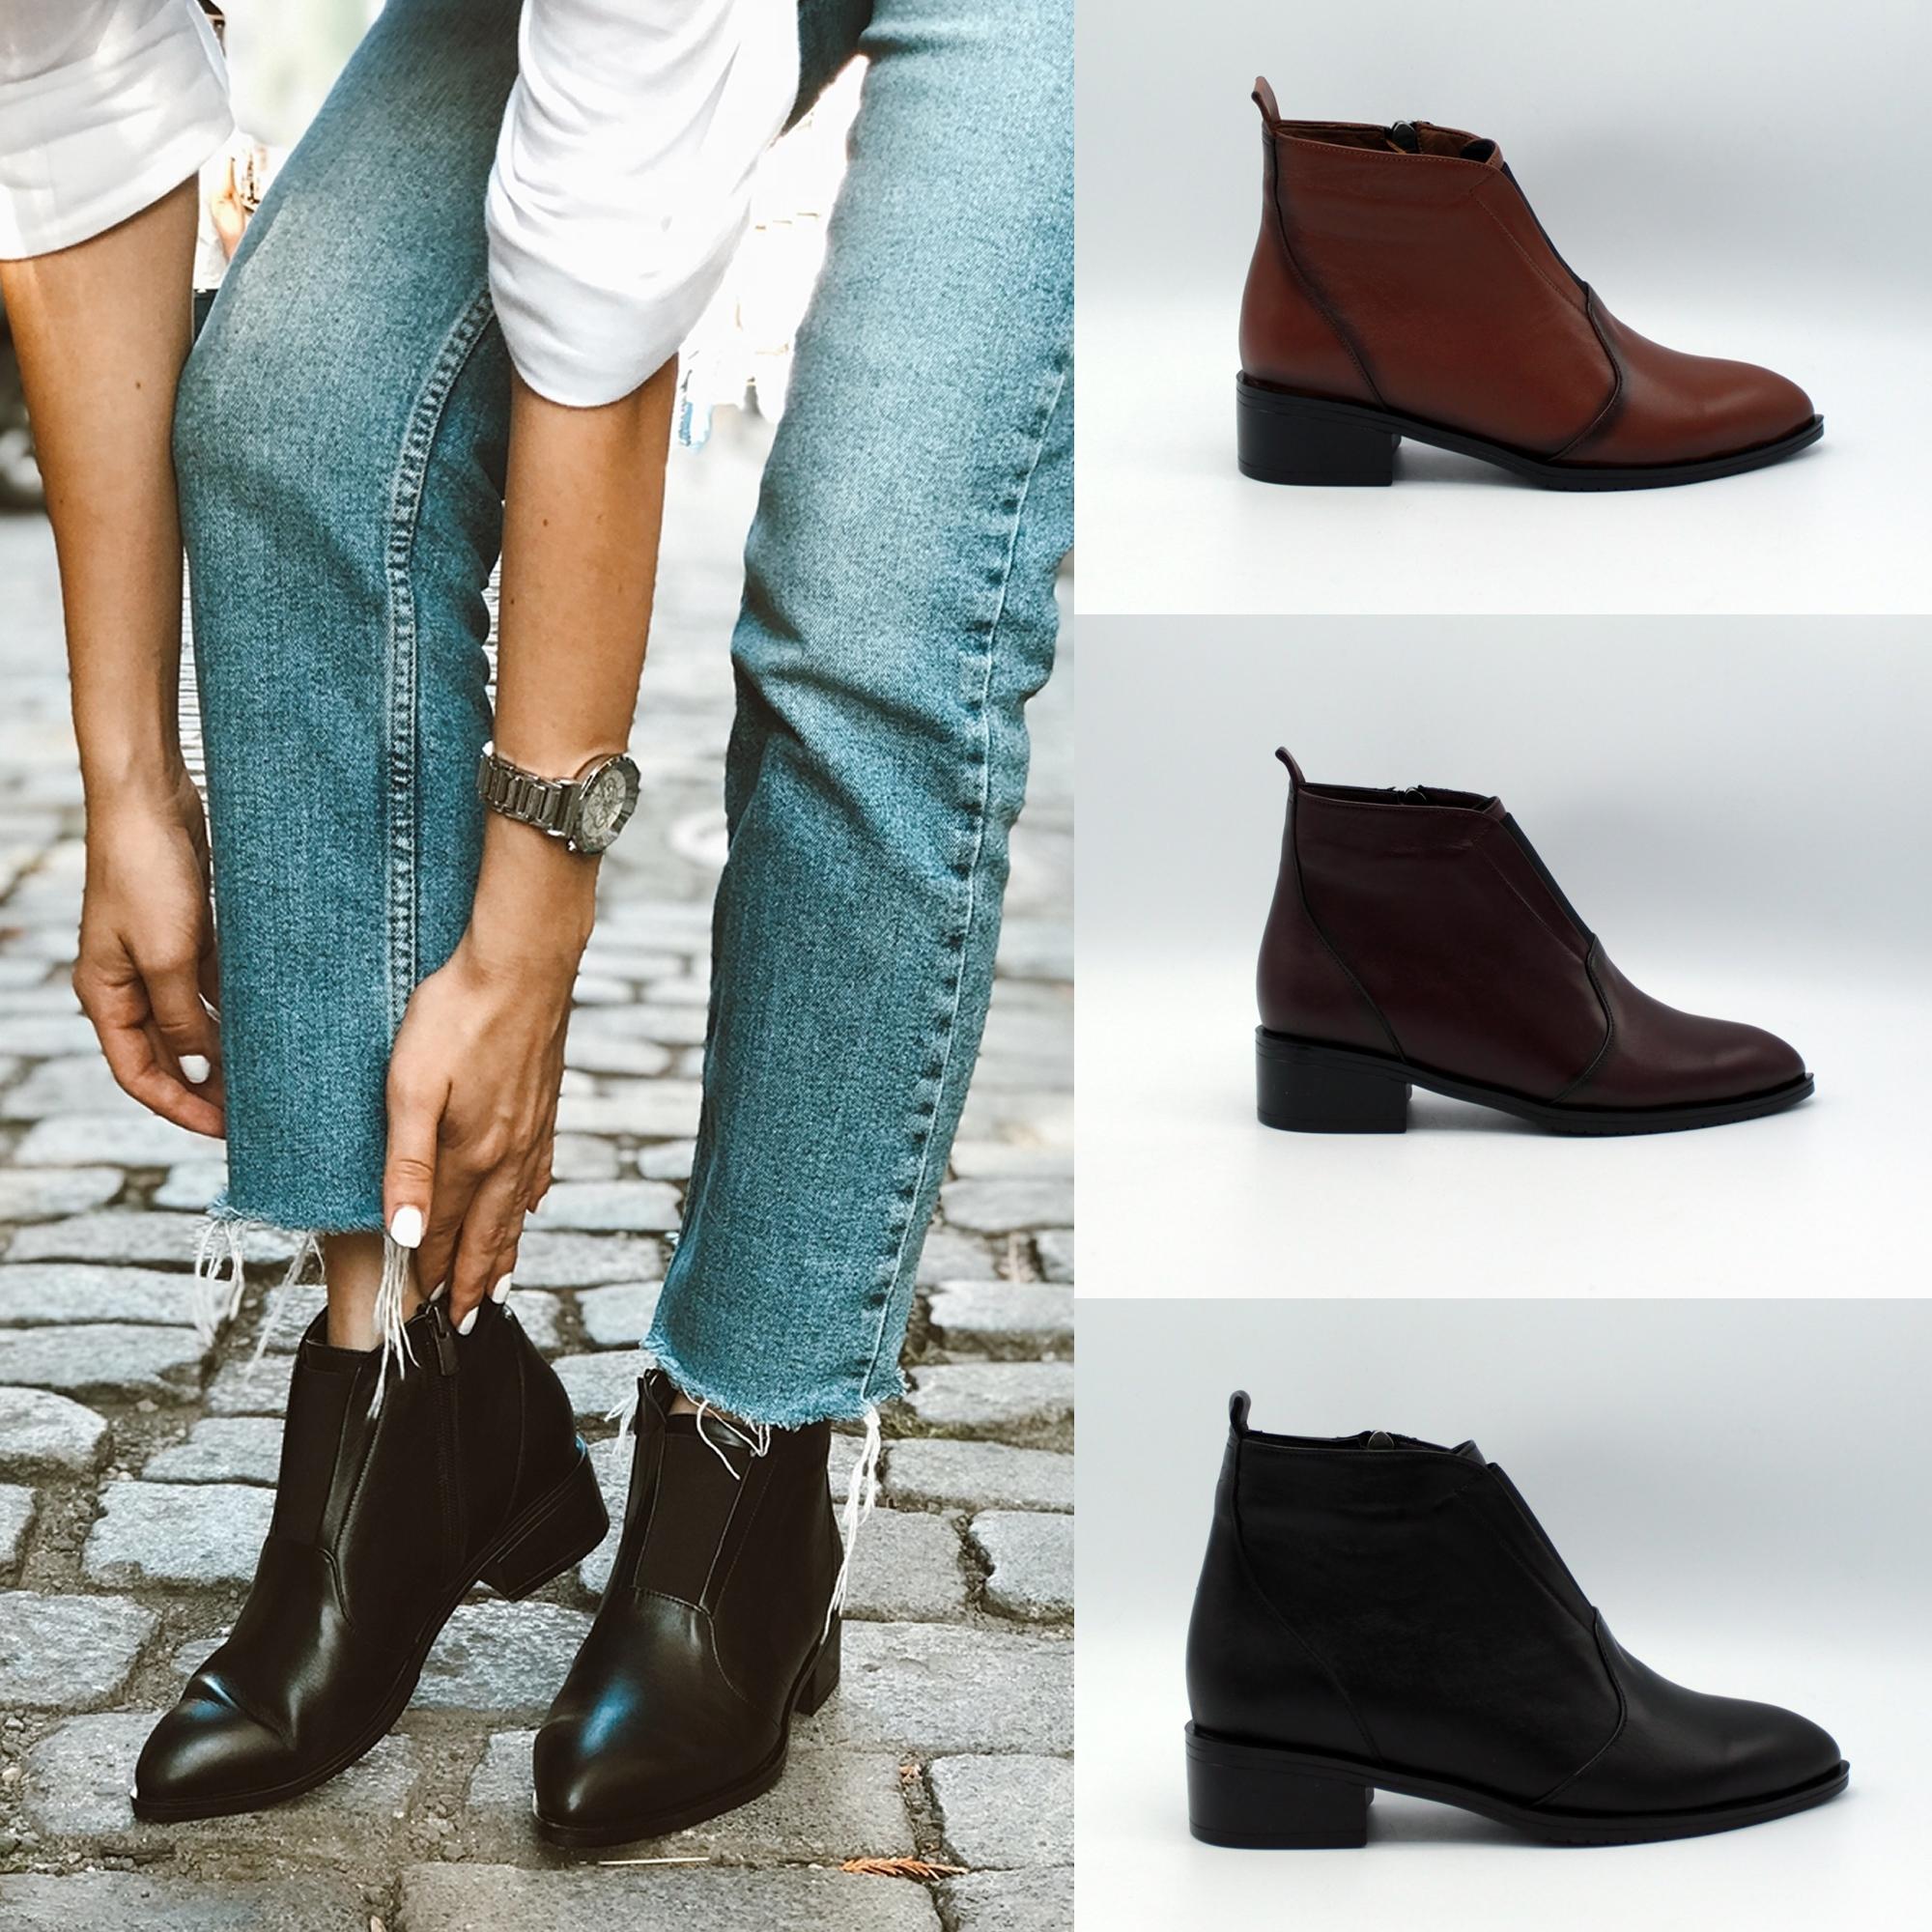 Low Heel Women Leather Boots Trend Footwear